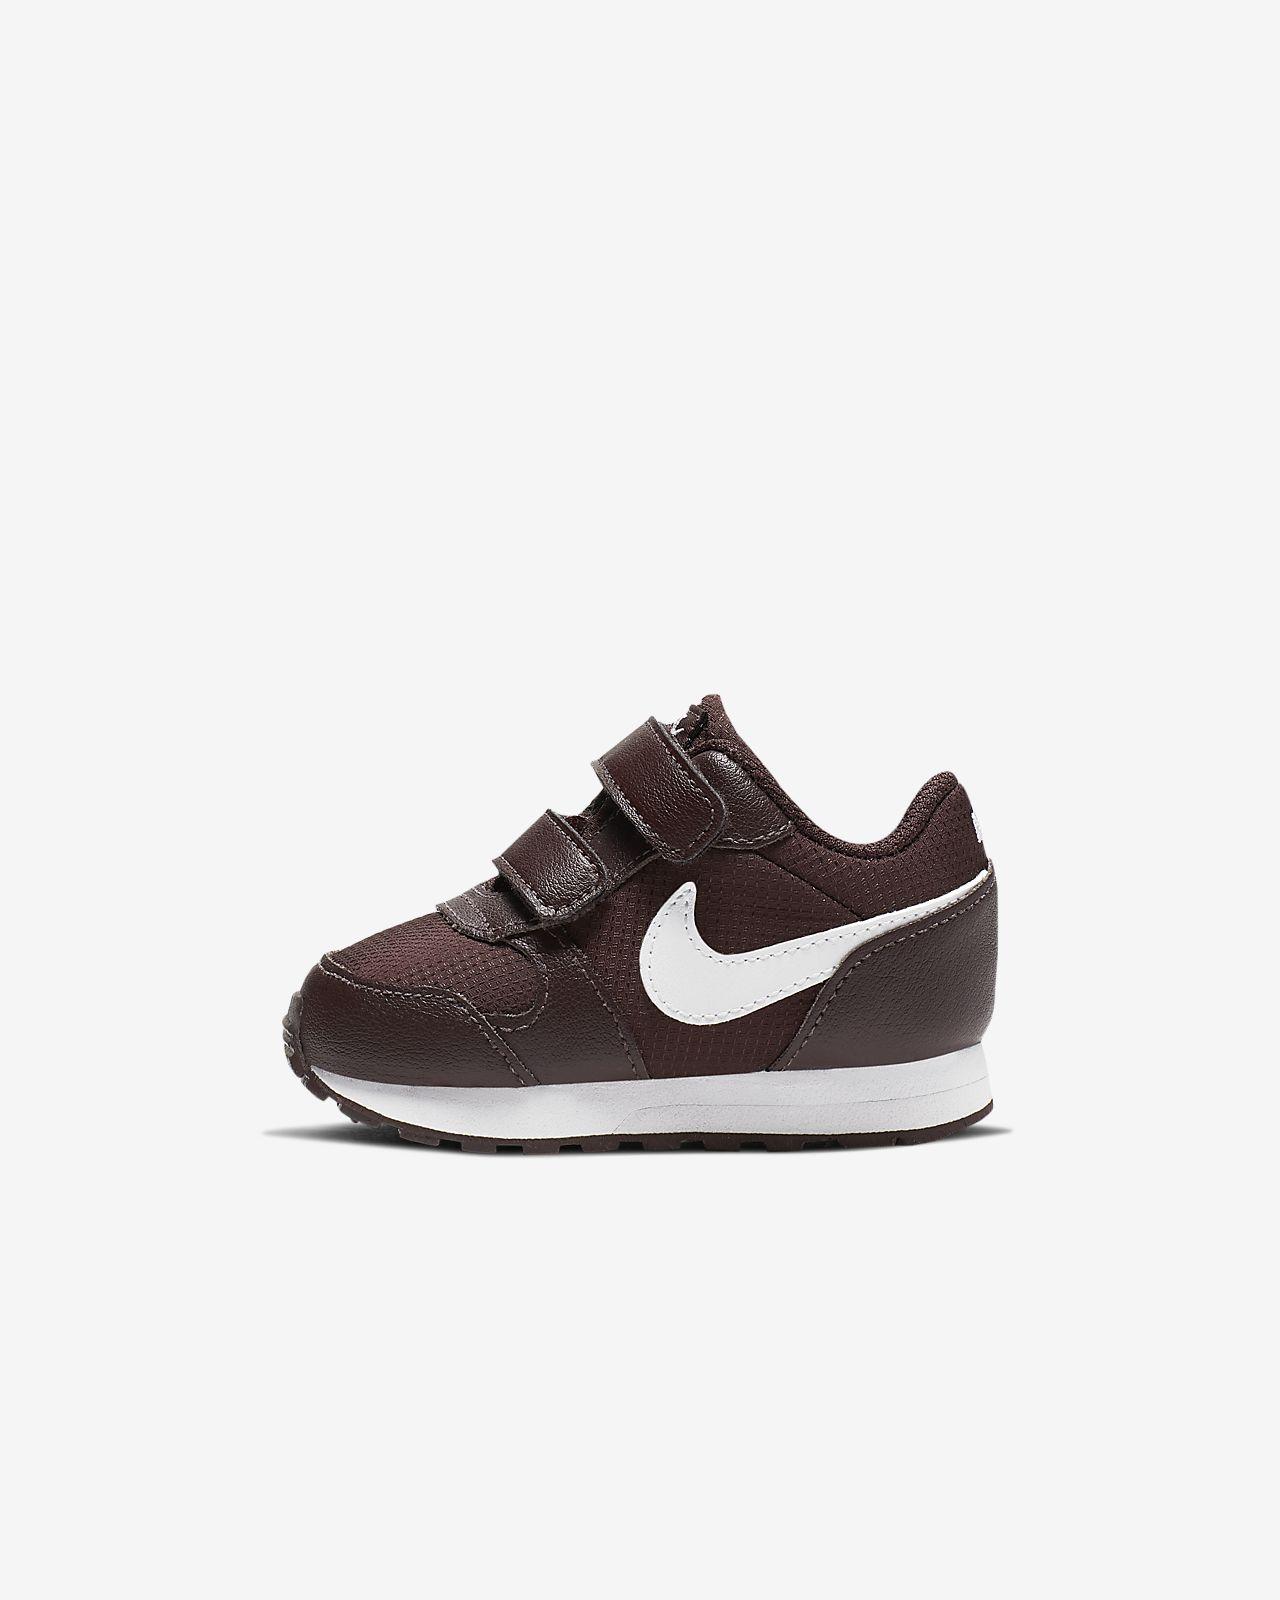 Sko Nike MD Runner 2 PE för baby/små barn